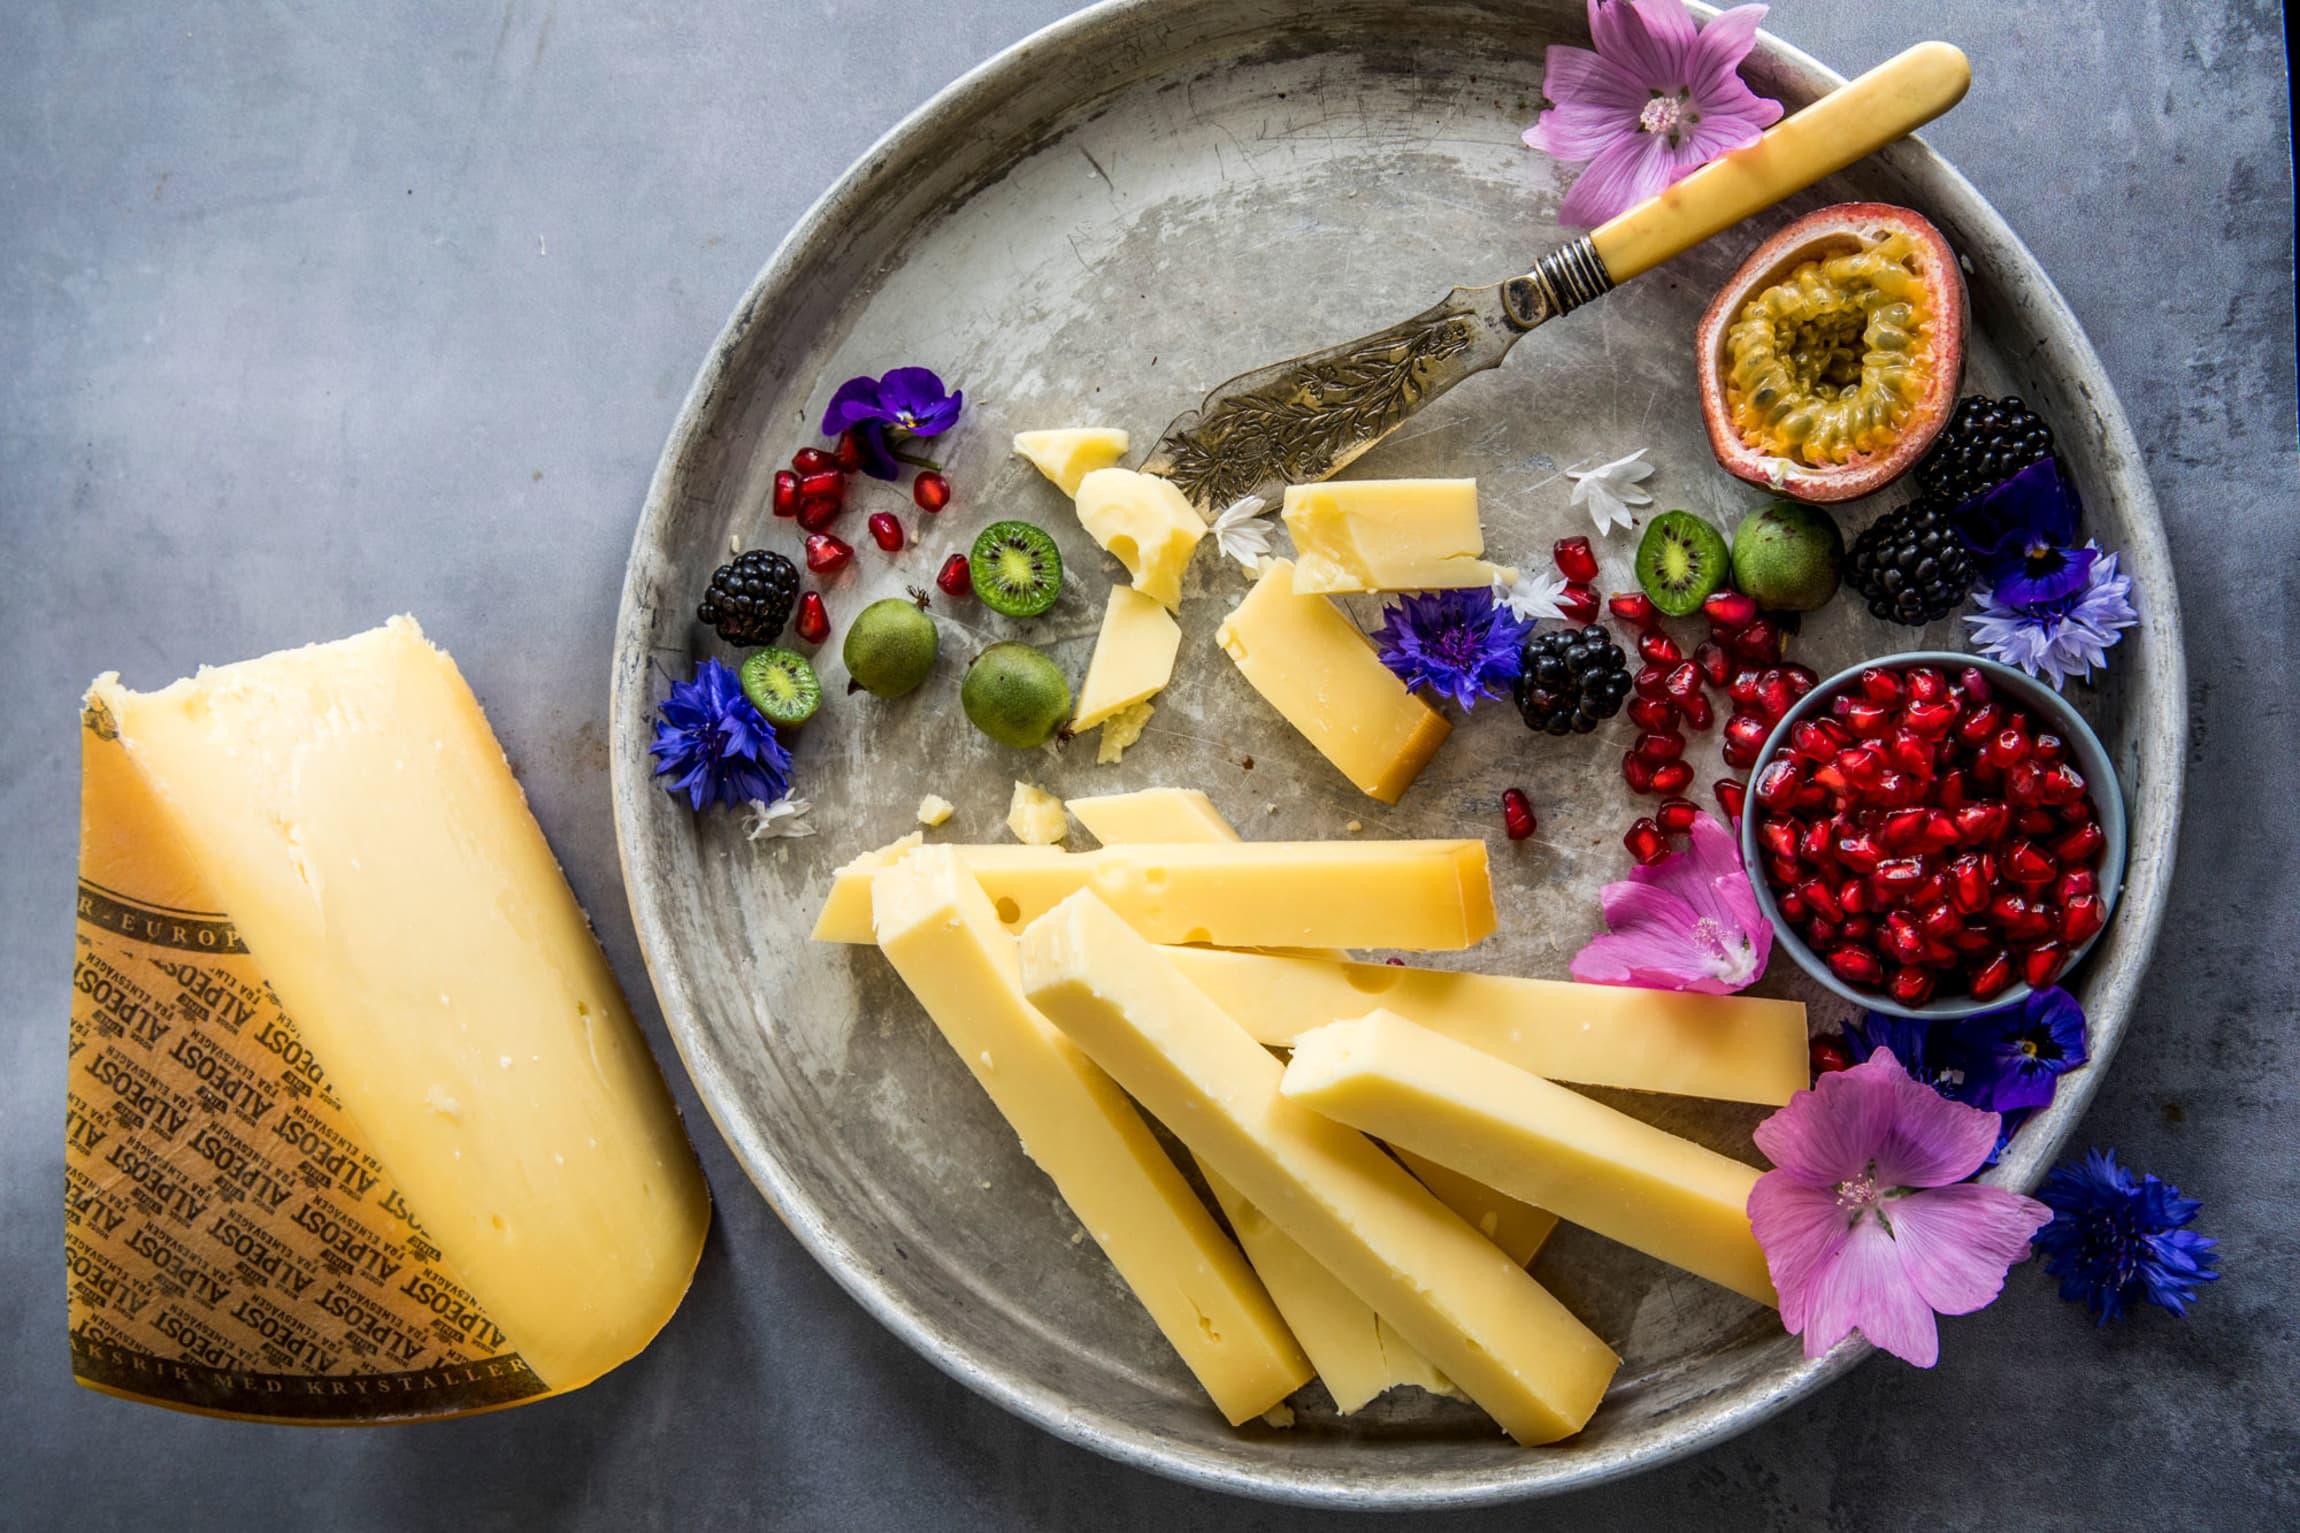 Skjær rause staver av en god fastost og server med kiwibær, granateple og pasjonsfrukt. God skinke eller ristede mandler passer også godt til!